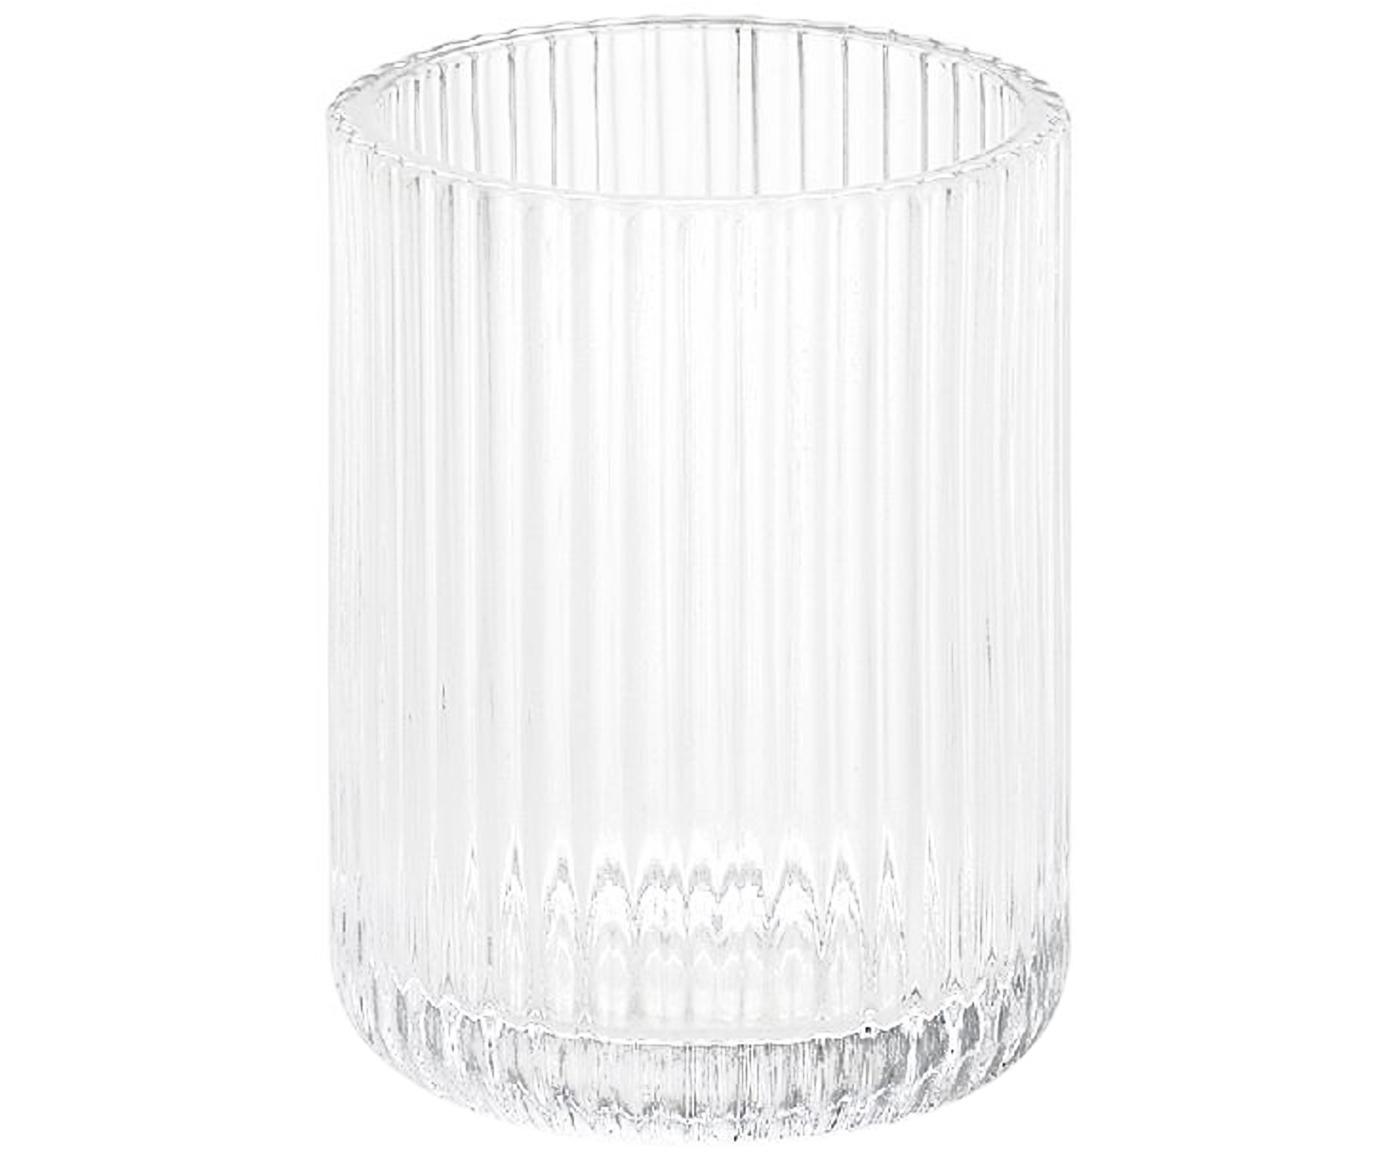 Porta spazzolini in vetro Gulji, Vetro, Trasparente, Ø 7 x Alt. 10 cm